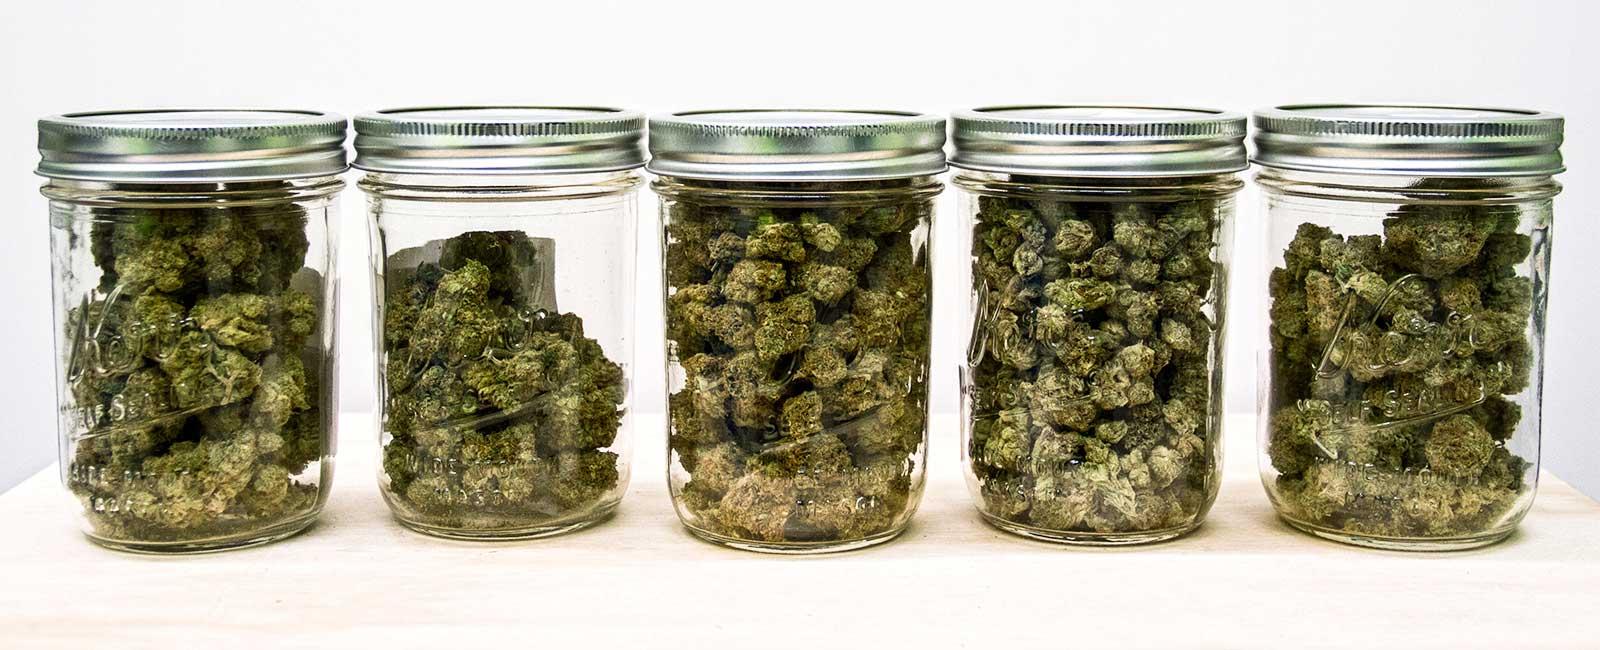 marihuana curado en botes de cristal